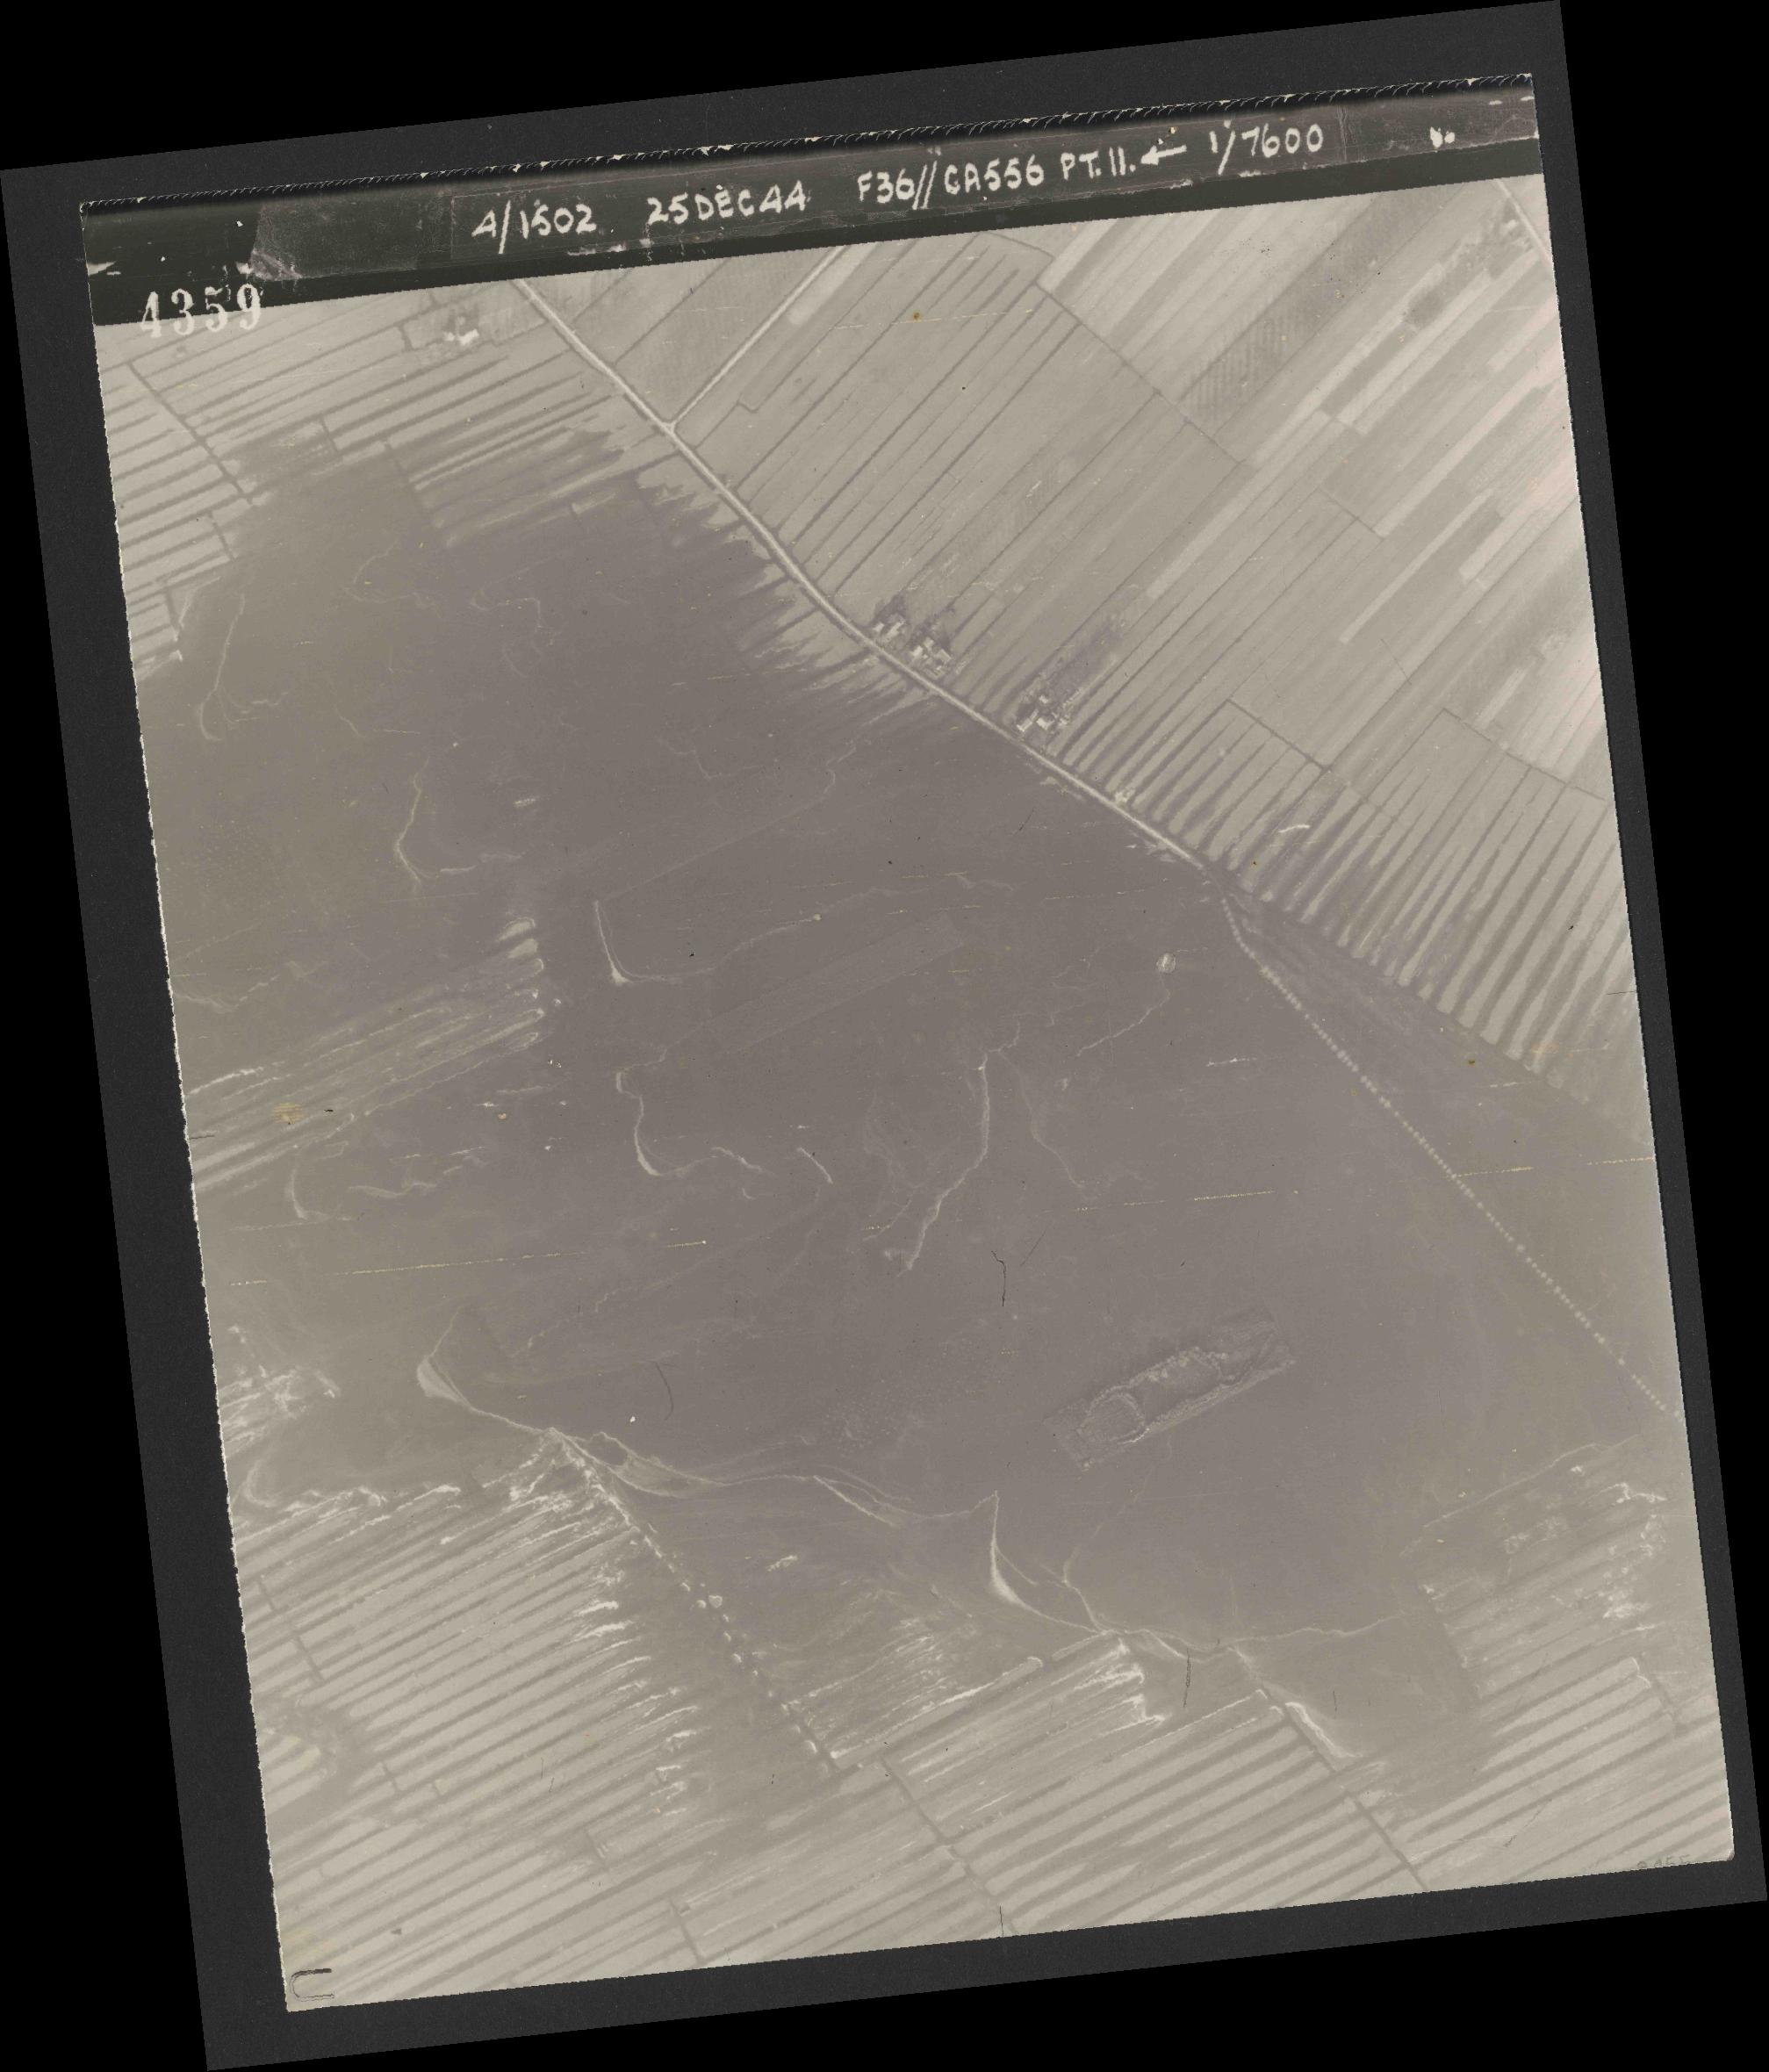 Collection RAF aerial photos 1940-1945 - flight 306, run 11, photo 4359